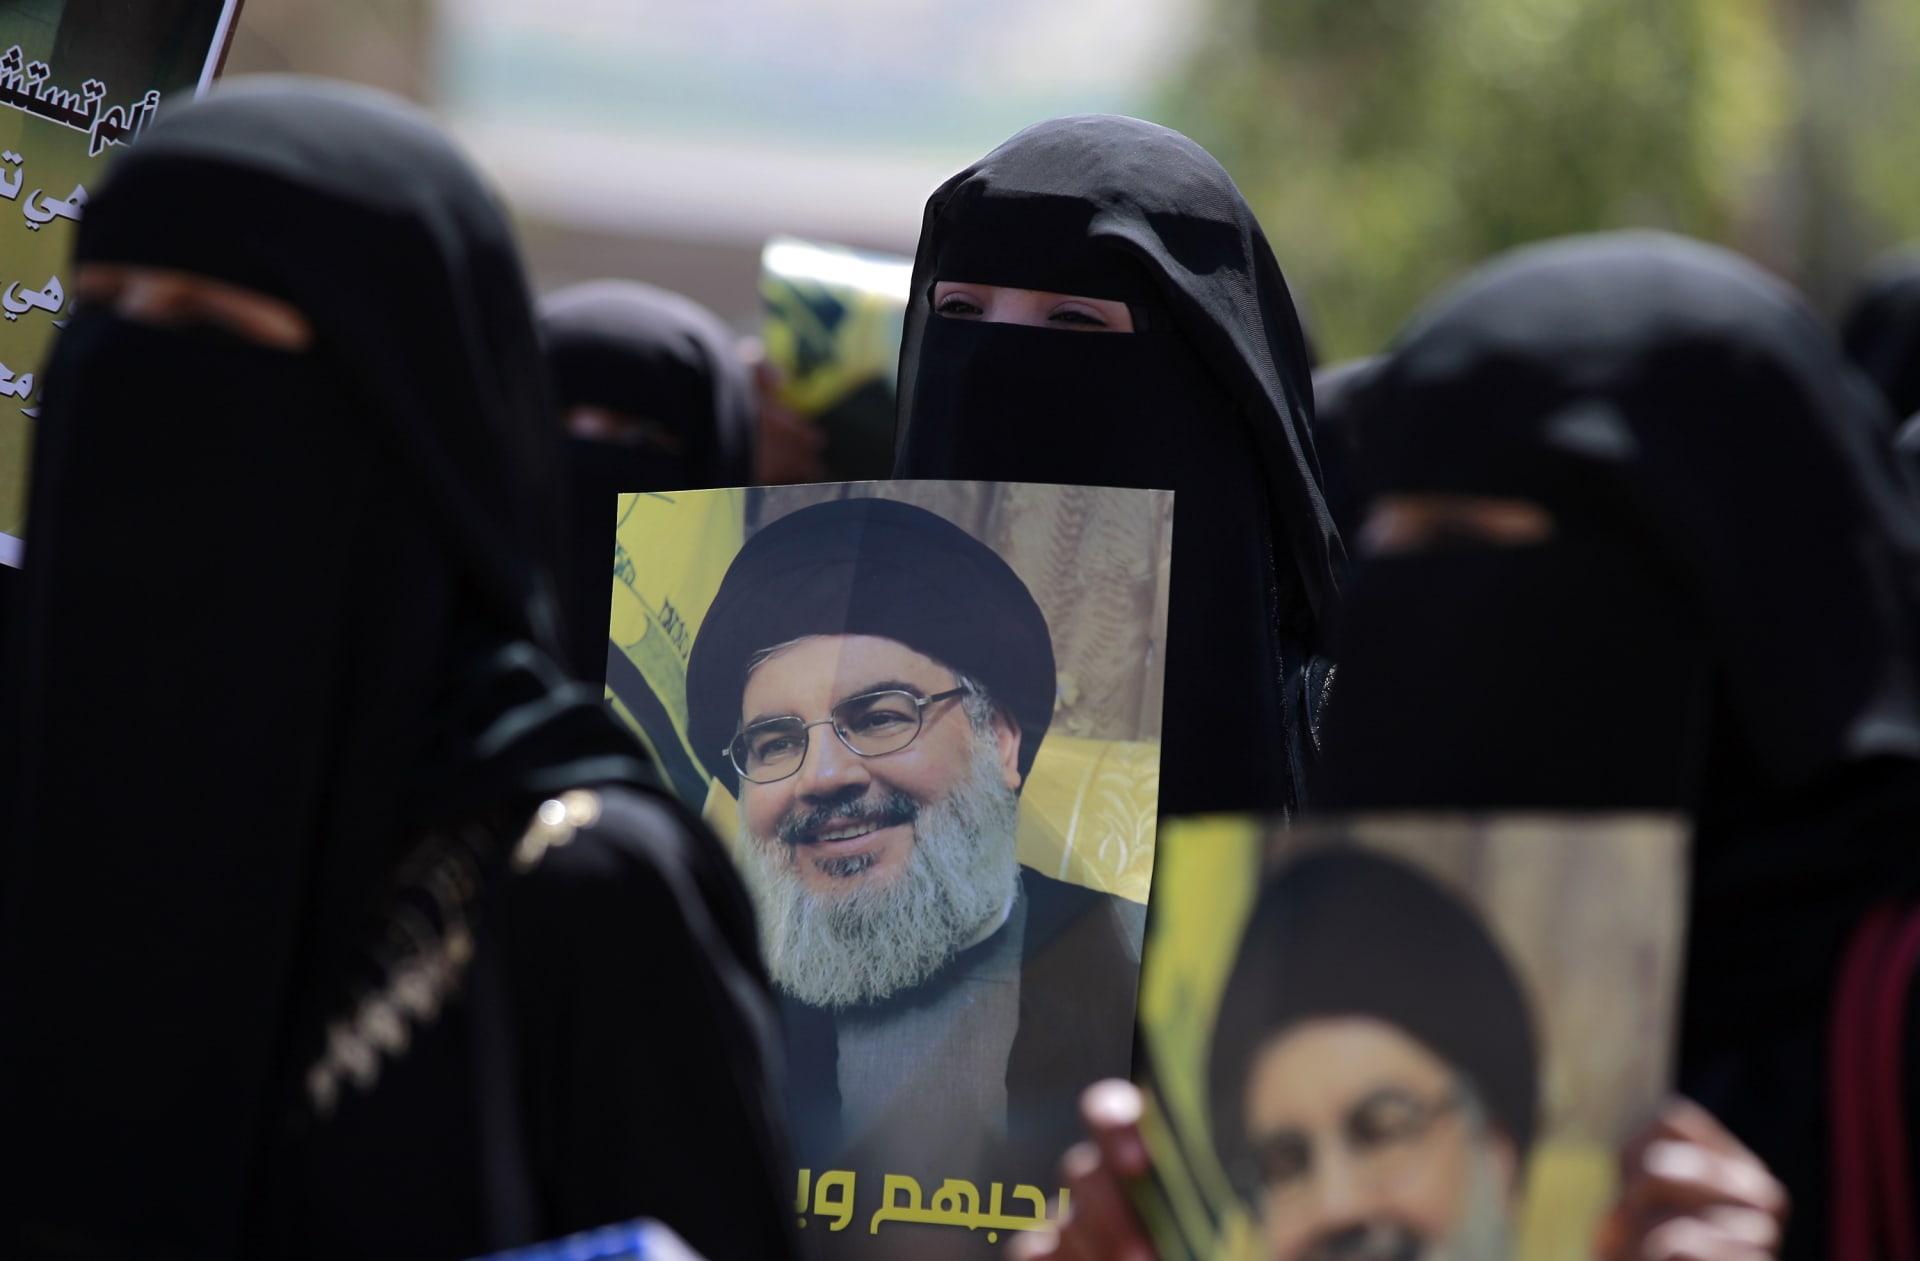 التحالف العربي: حزب الله يساهم بتشغيل مواقع للقيادة والسيطرة في اليمن